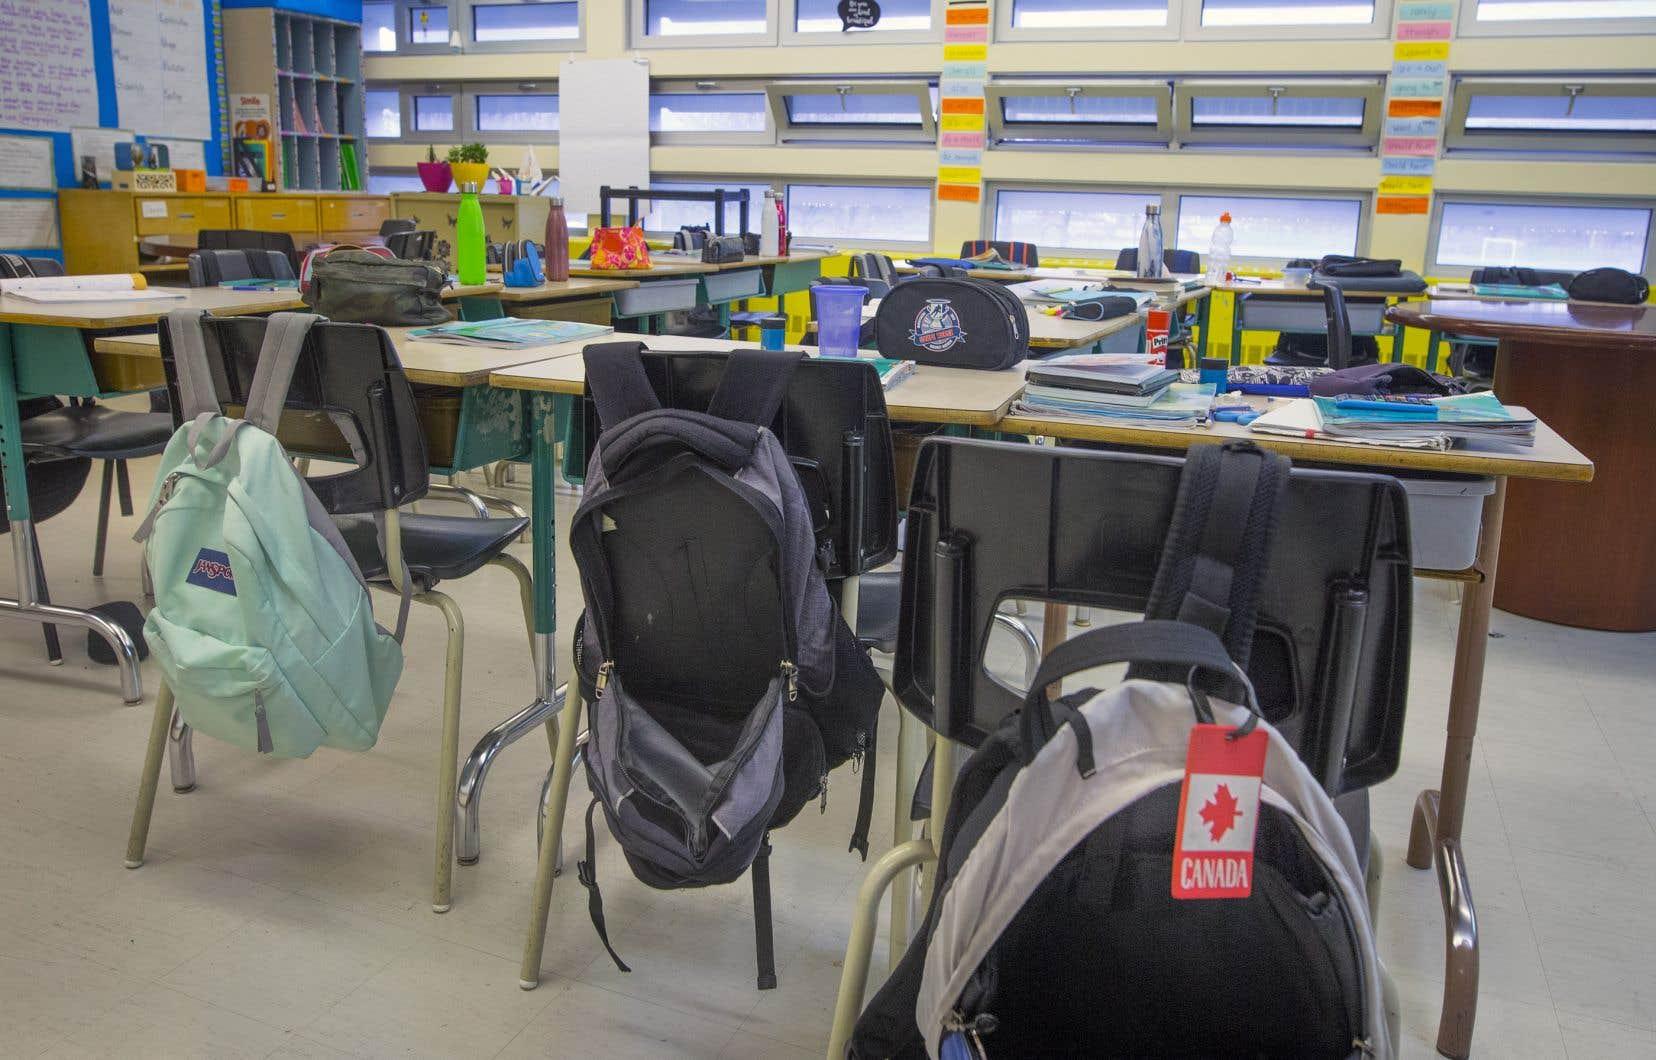 <p>Le ministre de l'Éducation a donné jusqu'au 10juin aux deux commissions scolaires pour trouver une solution, sinon, il invoquera la loi pour que trois écoles anglophones soient cédées à la Commission scolaire de la Pointe-de-l'Île. C</p>